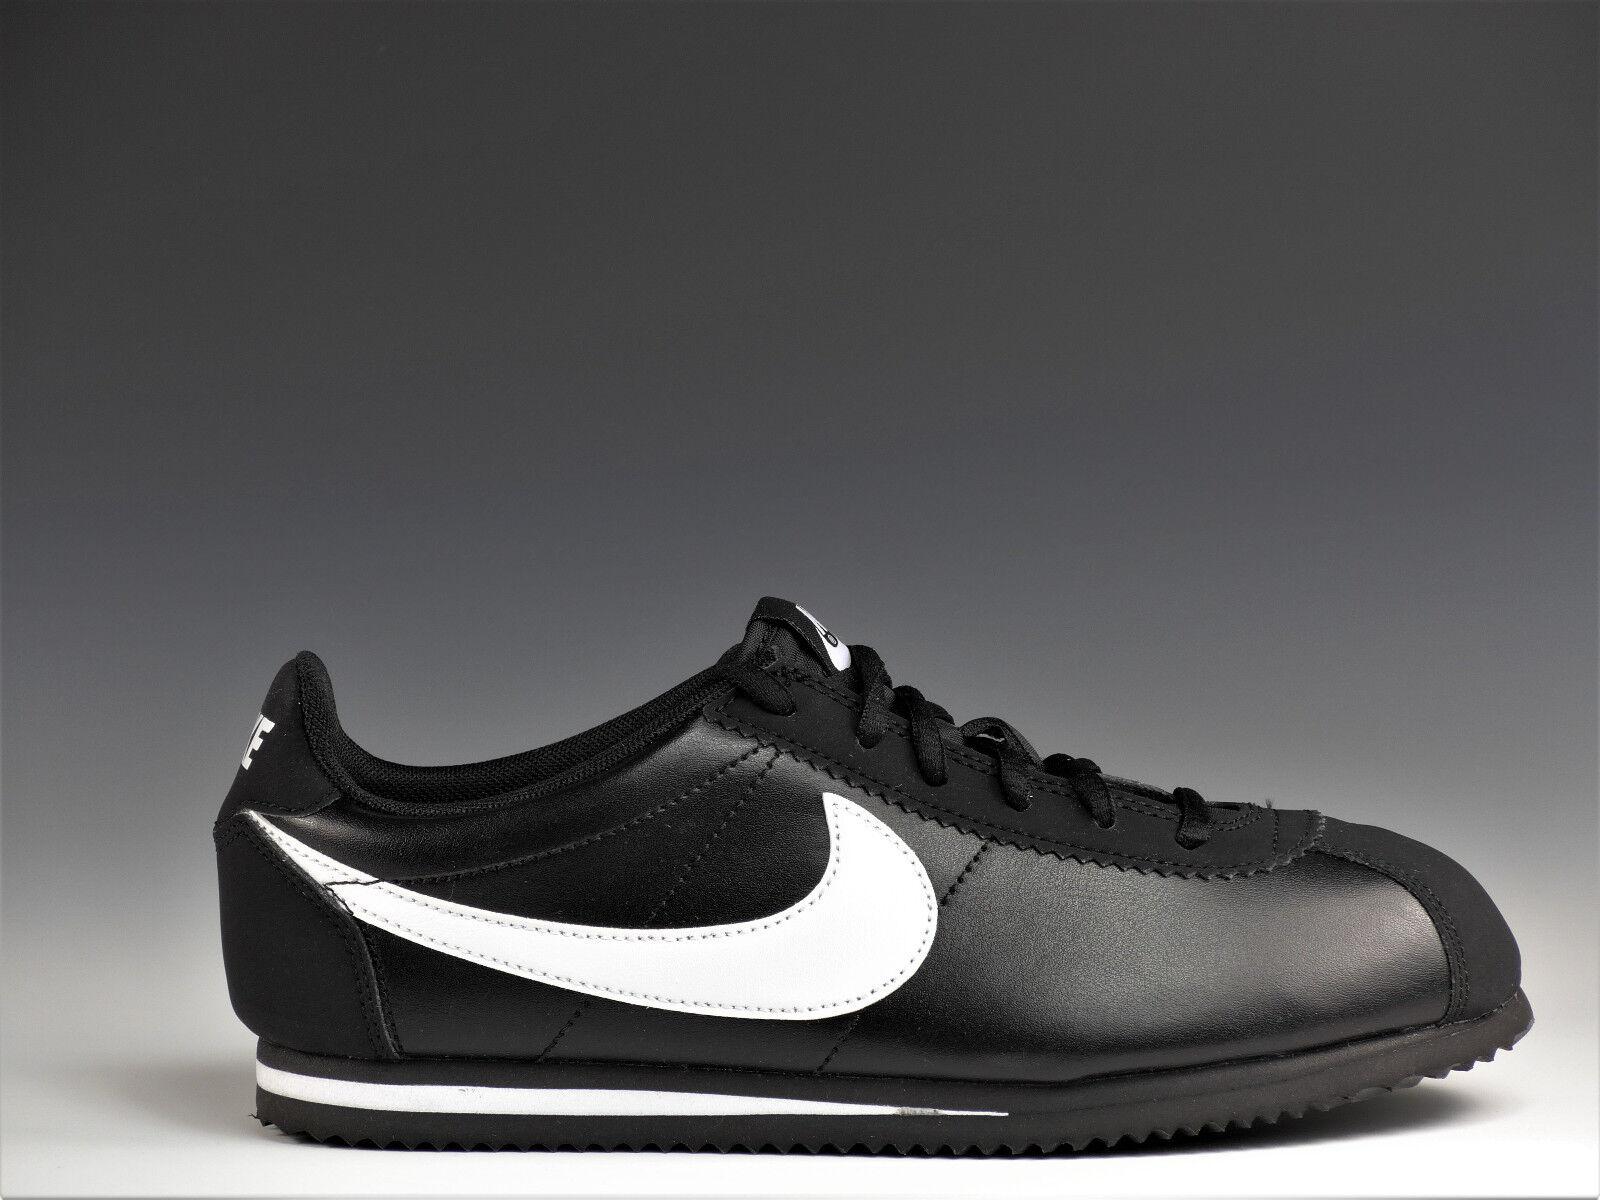 Nike  Cortez (GS) Basket  Femmes  Nike s streetwear 749482-001 Nouveau 256b90